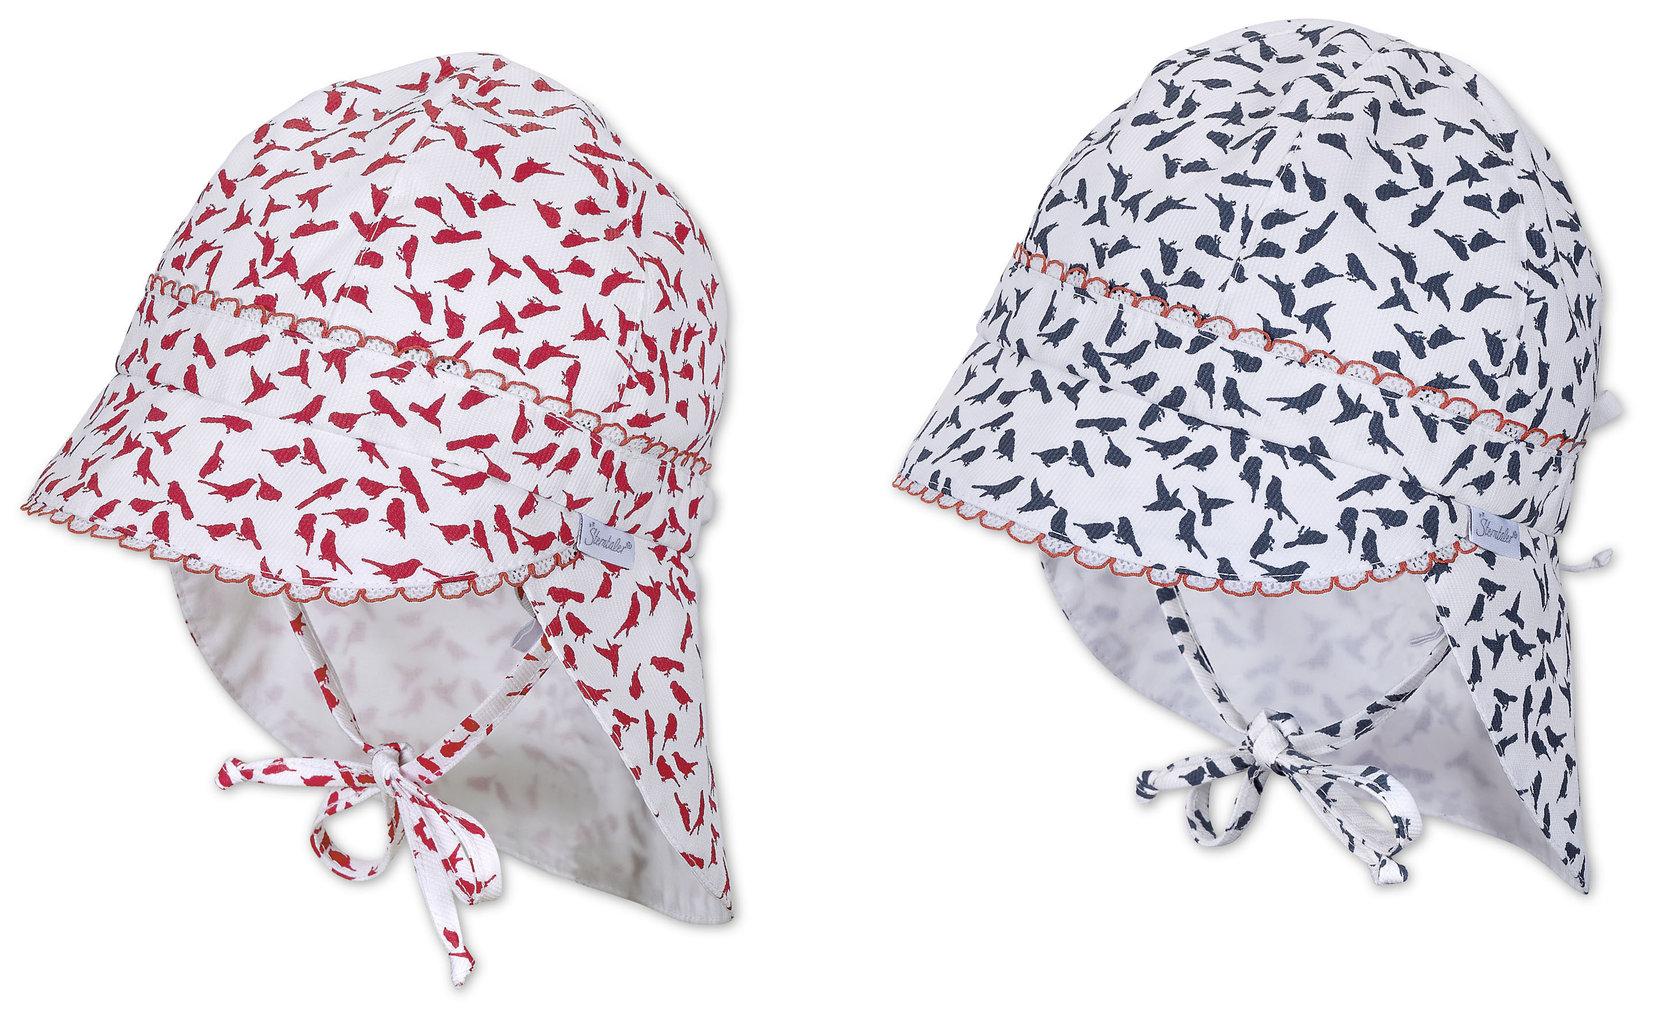 SOMMER Mini Mädchen Hut Mütze STERNTALER 1411421 -K59- | eBay